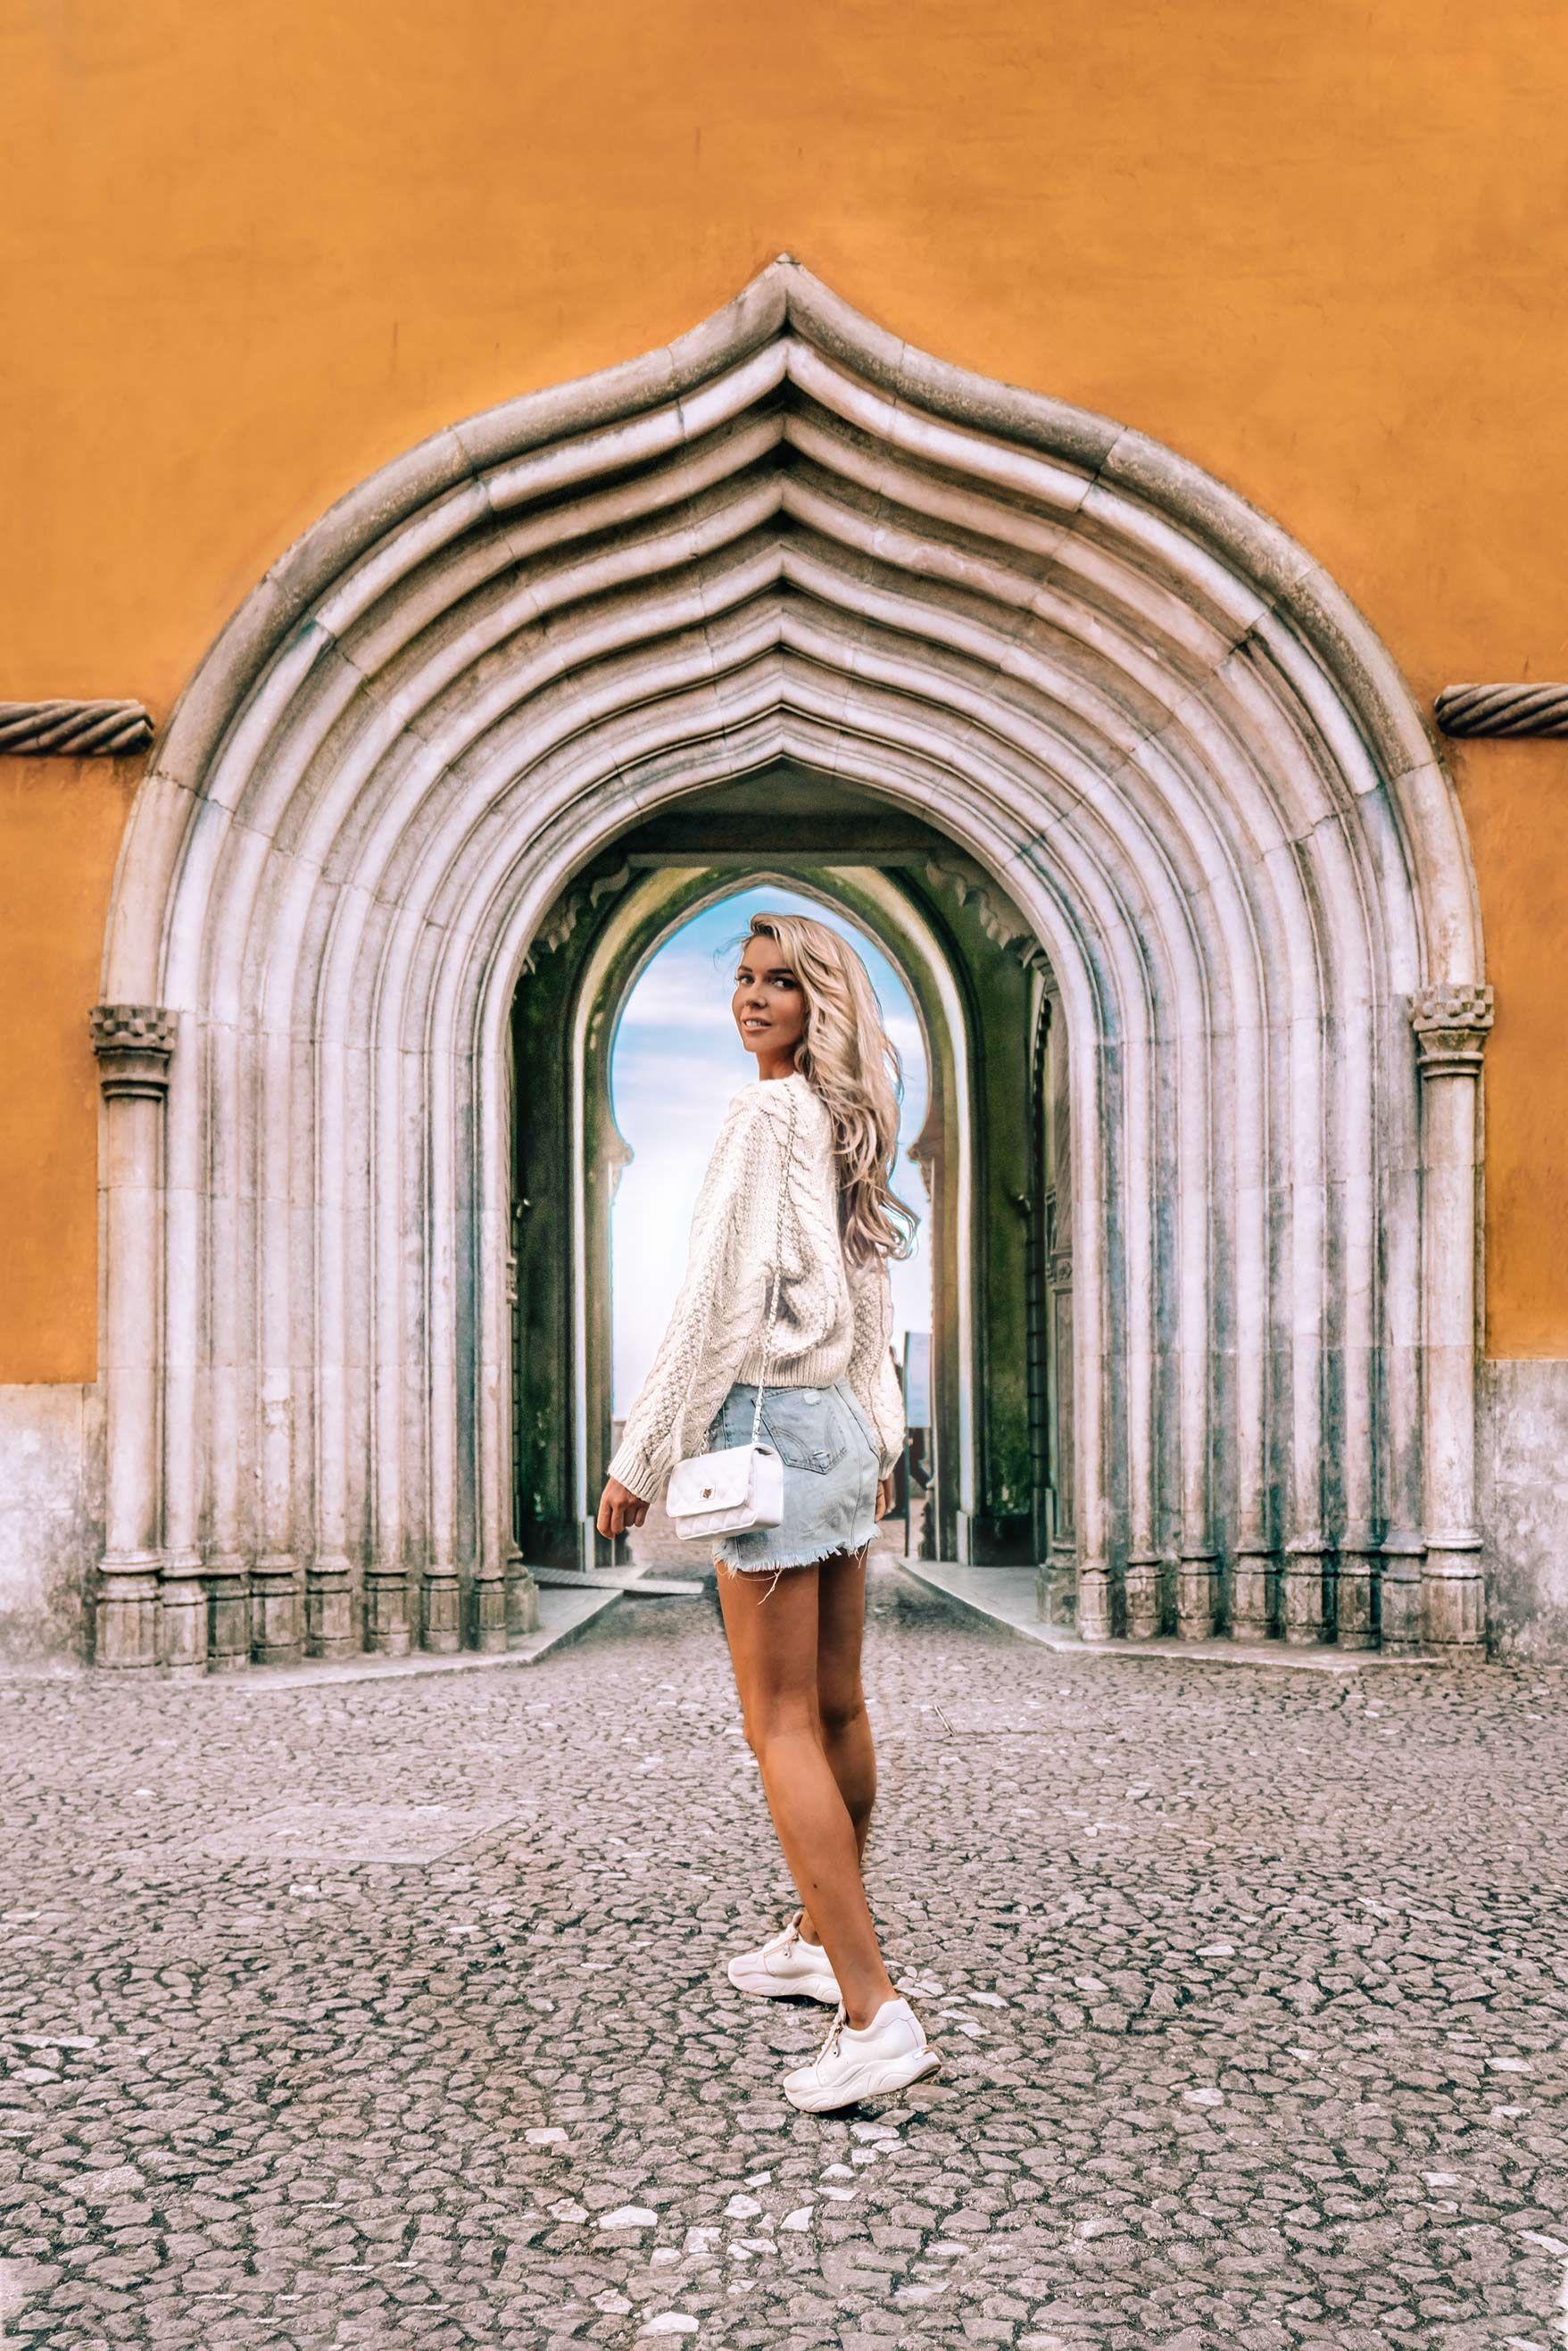 Bunt Prachtig Romantisch Marchenhaft Und Ein Wenig Crazy Eine Mischung Aus Mit Bildern Schloss Neuschwanstein Baustil Maurisch